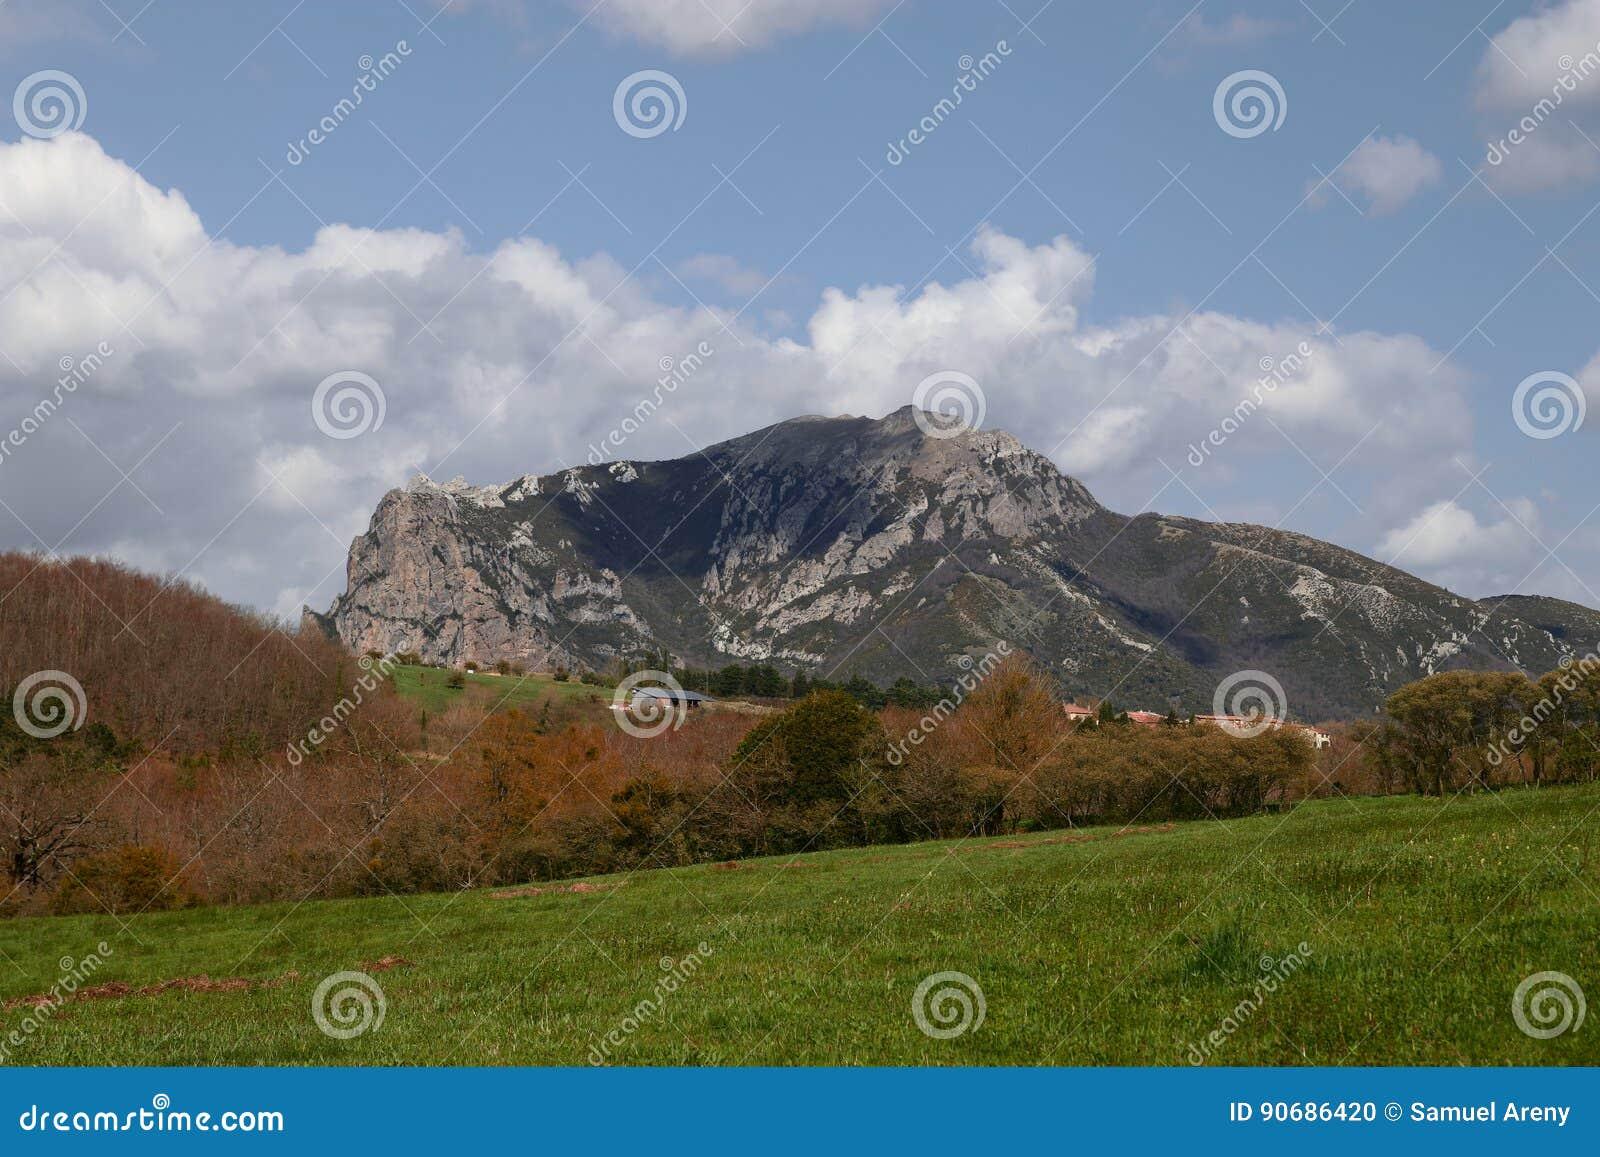 Spitze von Bugarach im Corbieres, Frankreich